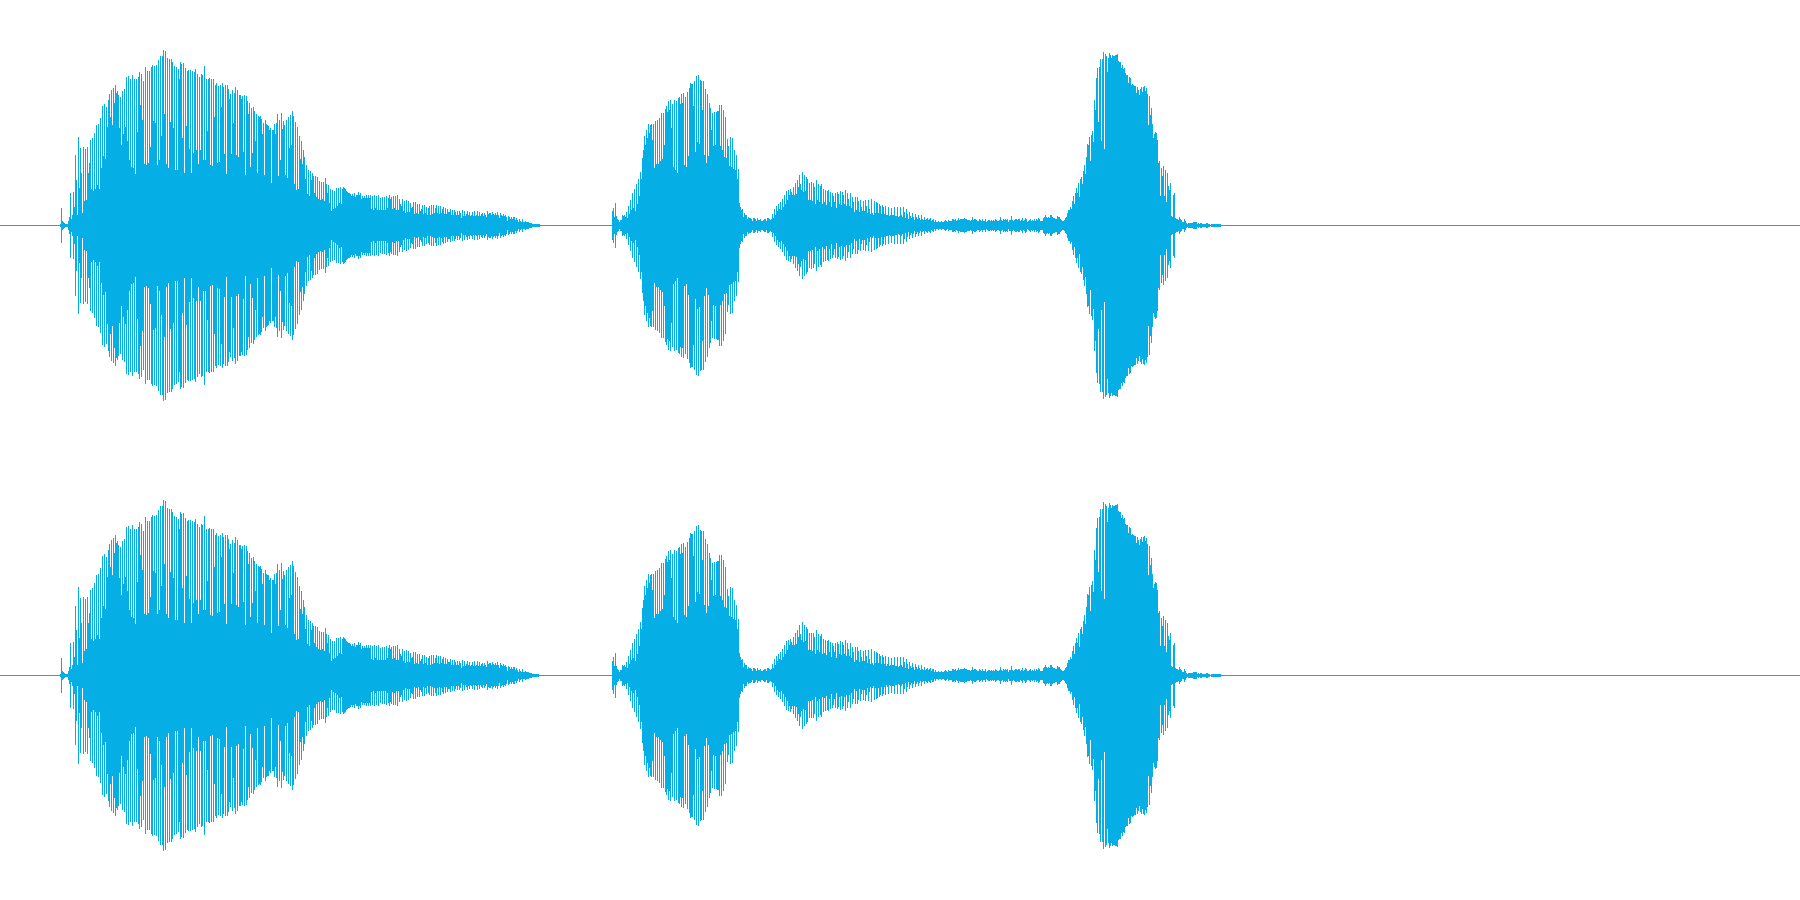 あいこでしょ(可愛い系)_1の再生済みの波形